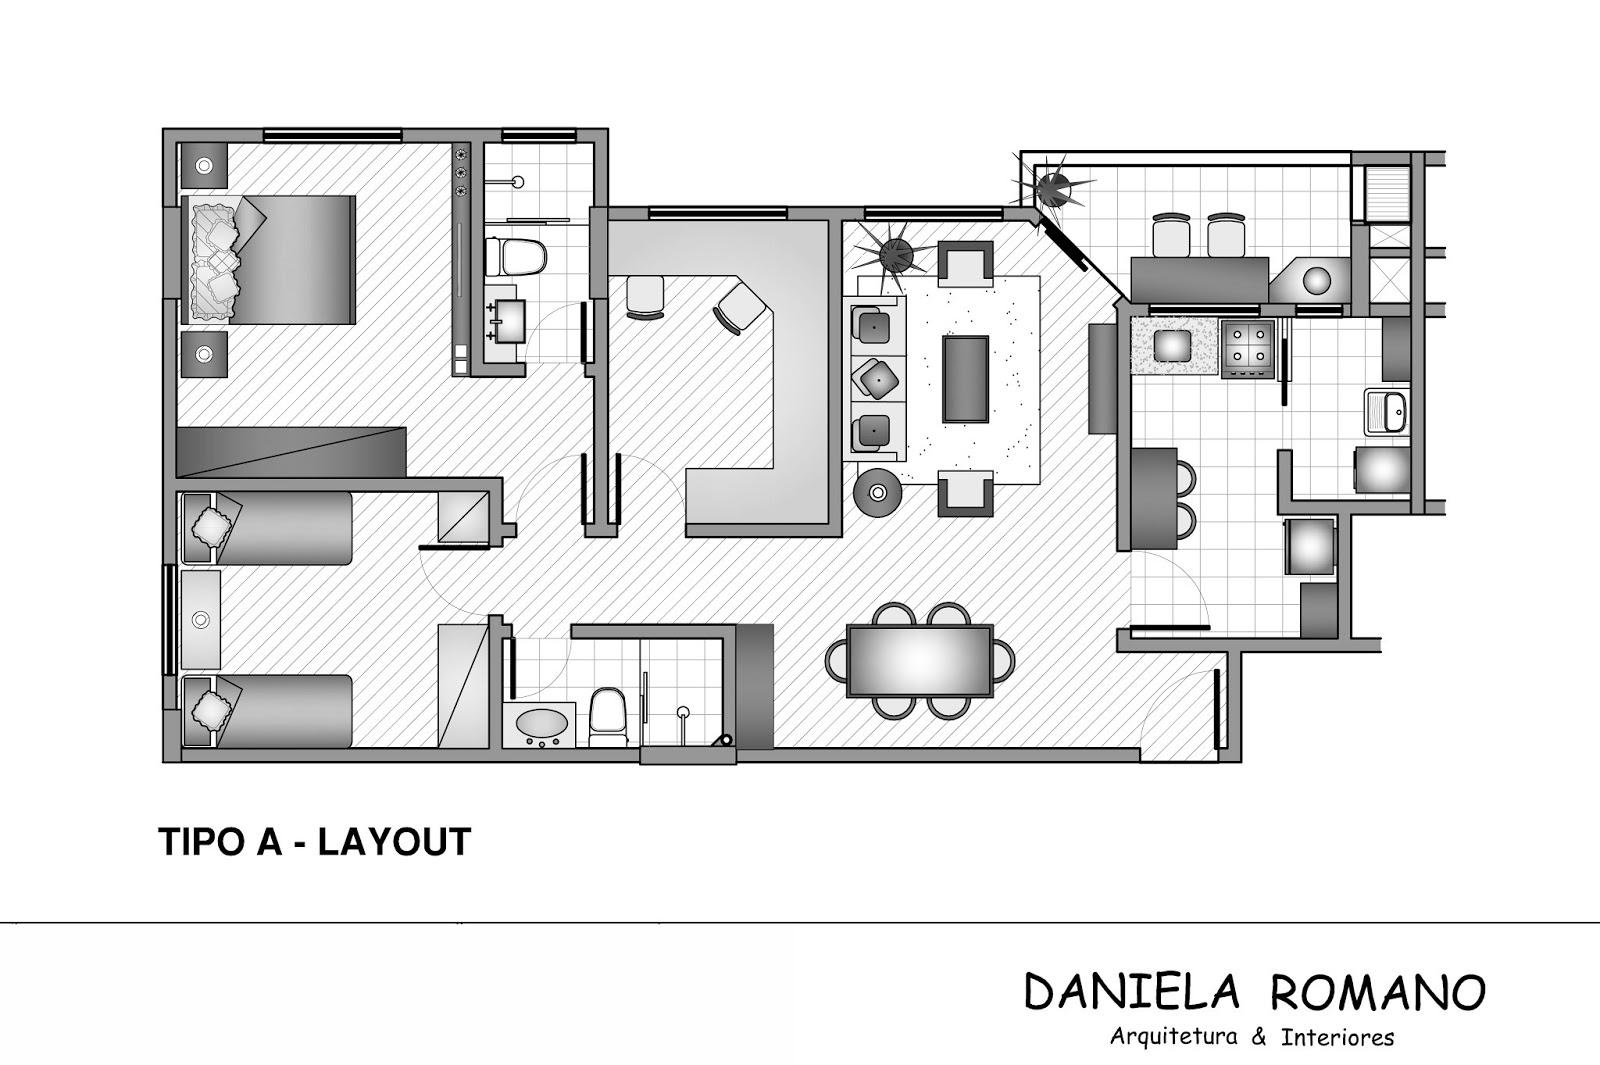 #3C3C3C MARIANA PROJETISTA: Arquitetura #:Nichos de projeto de interiores 1600x1065 px Projeto Arquitetonico De Uma Cozinha Industrial_4040 Imagens